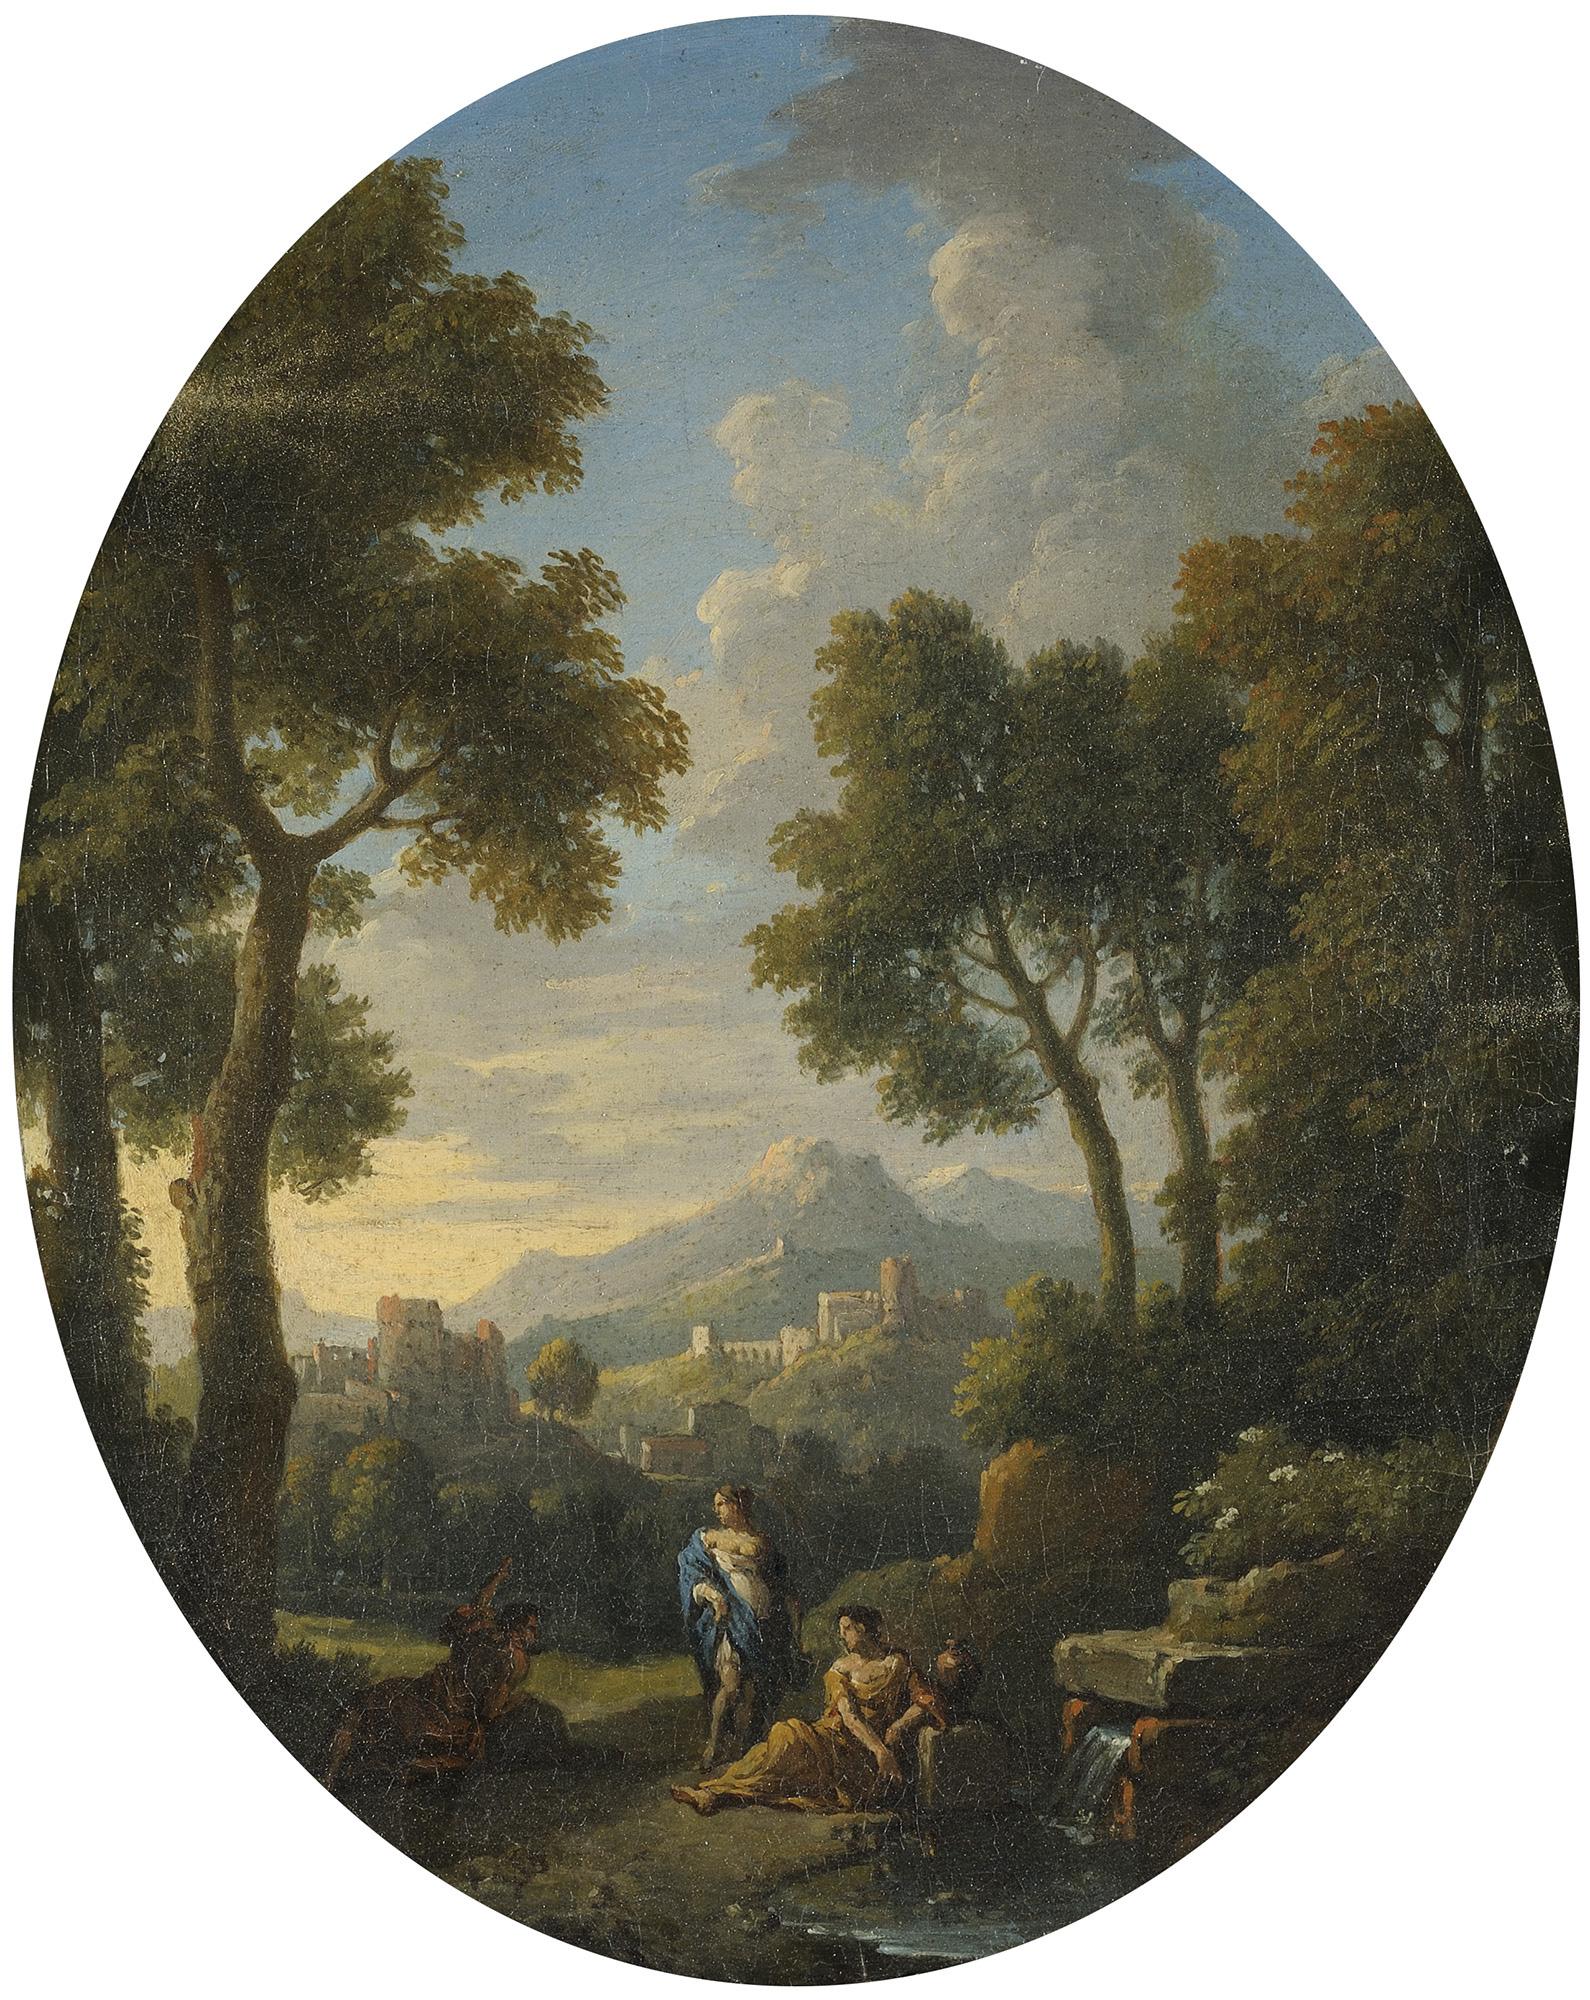 Paesaggio fluviale con figure e borgo antico sullo sfondo; e Paesaggio con figure presso un fontanile